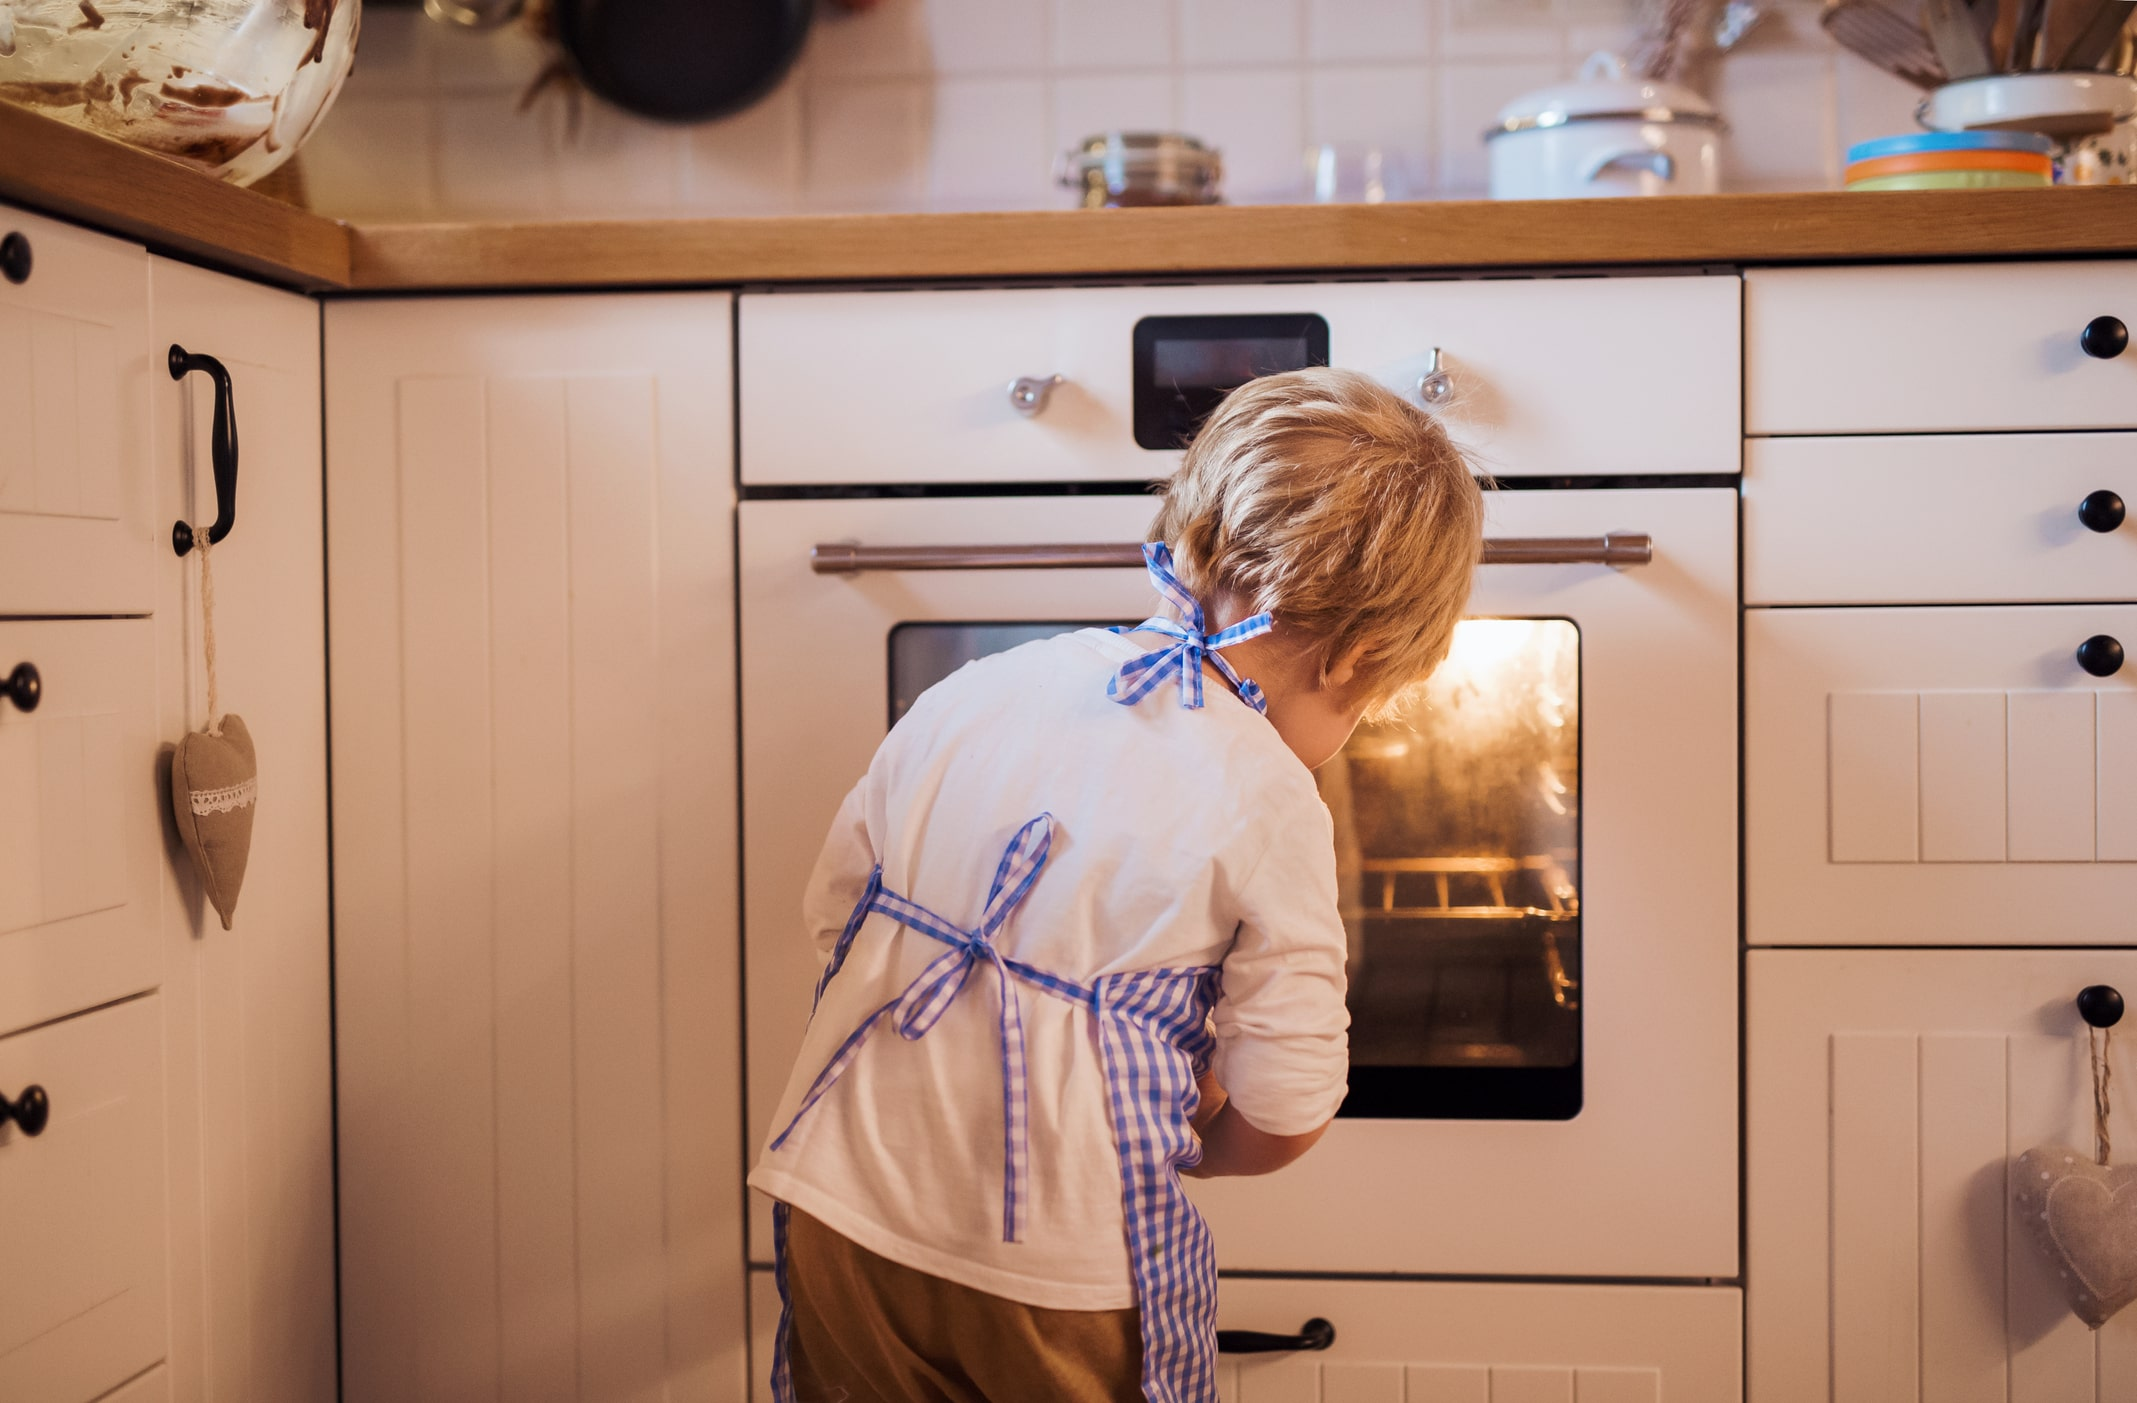 El dilema de una madre que seguro has vivido